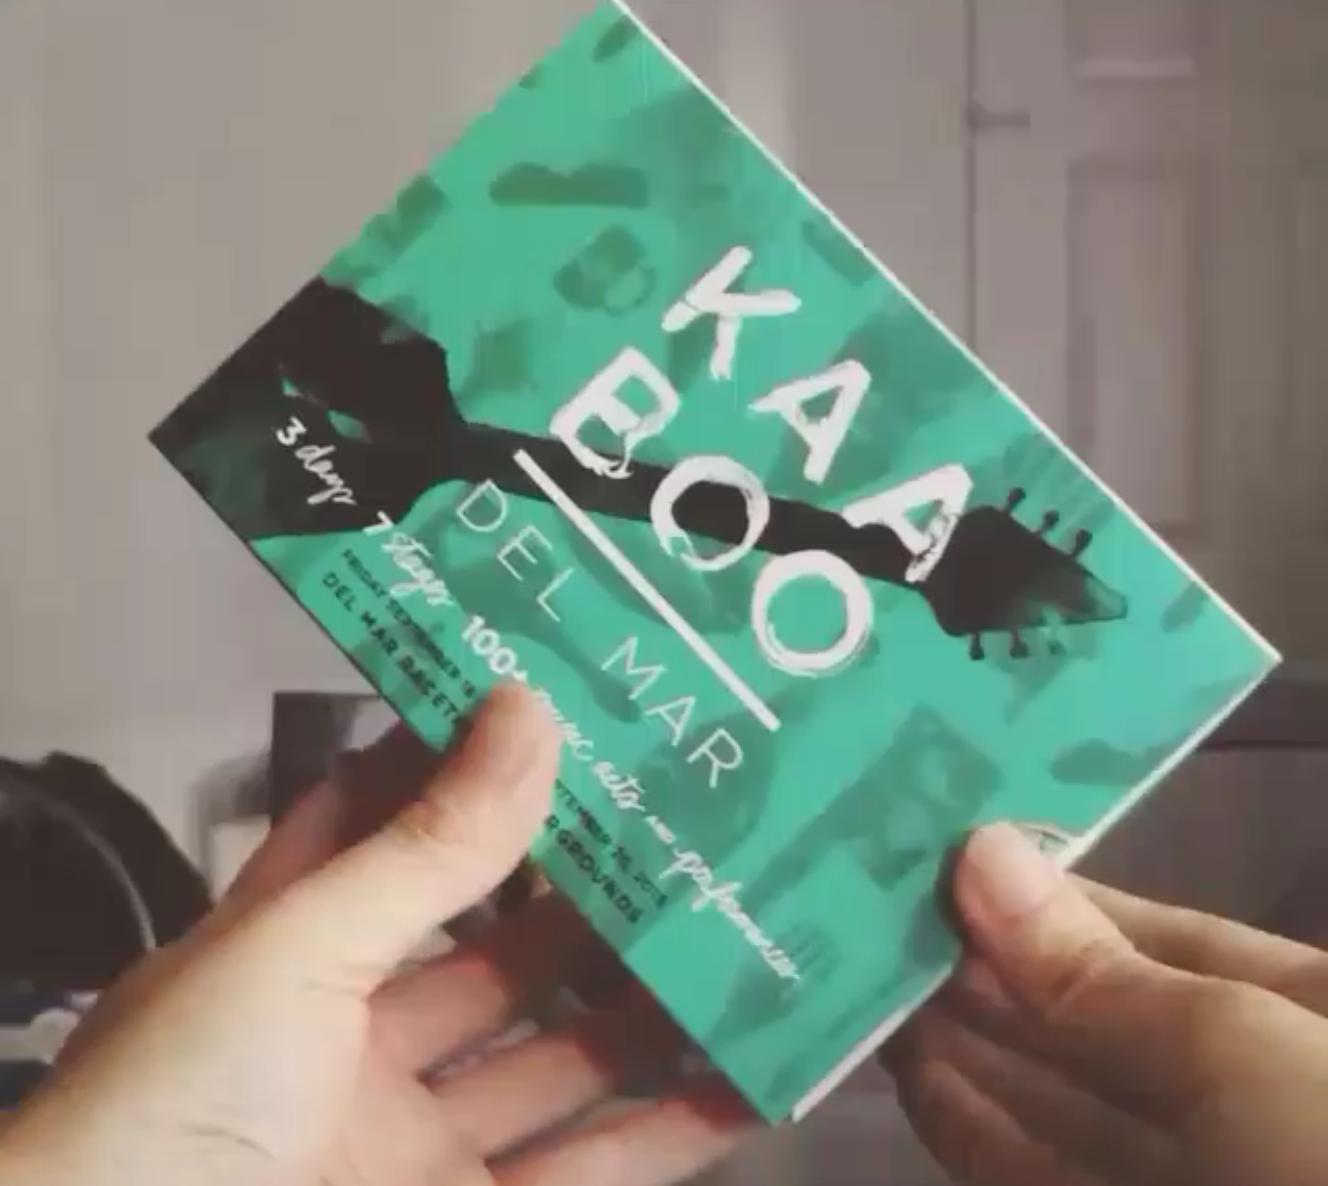 kaaboo passes 2015